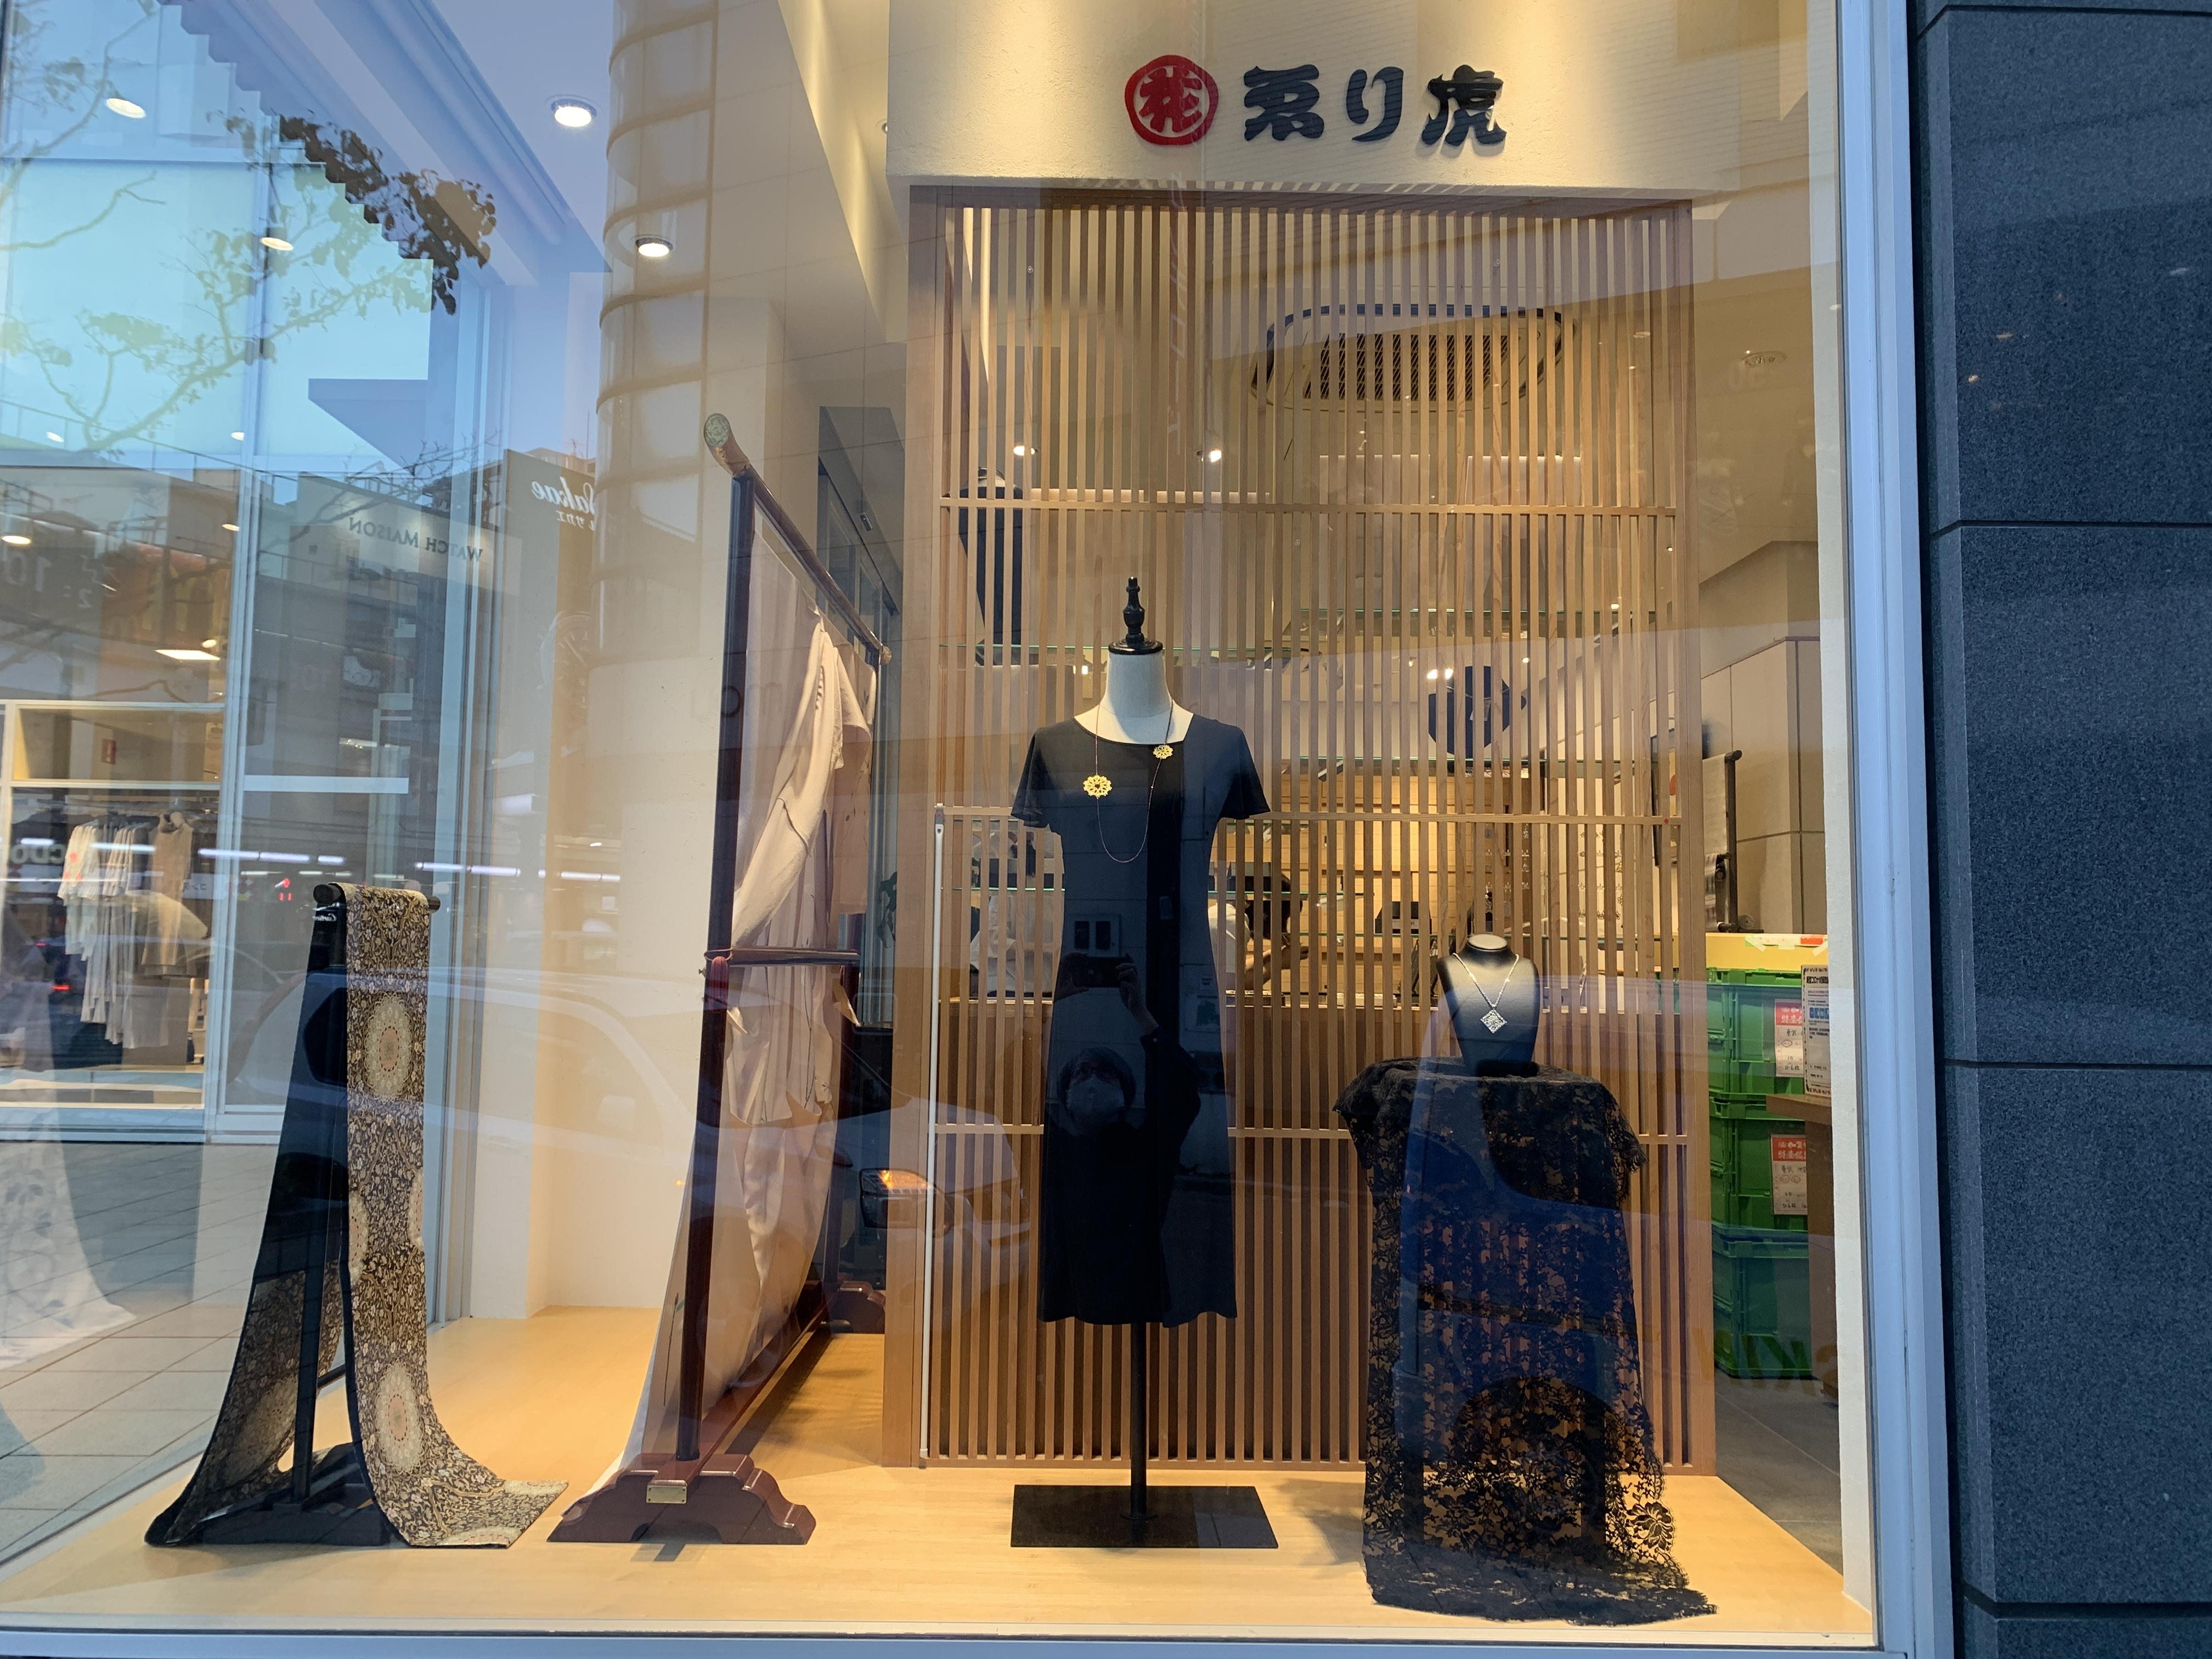 金沢の老舗呉服店「ゑり虎」さんでの装美展での展示販売会